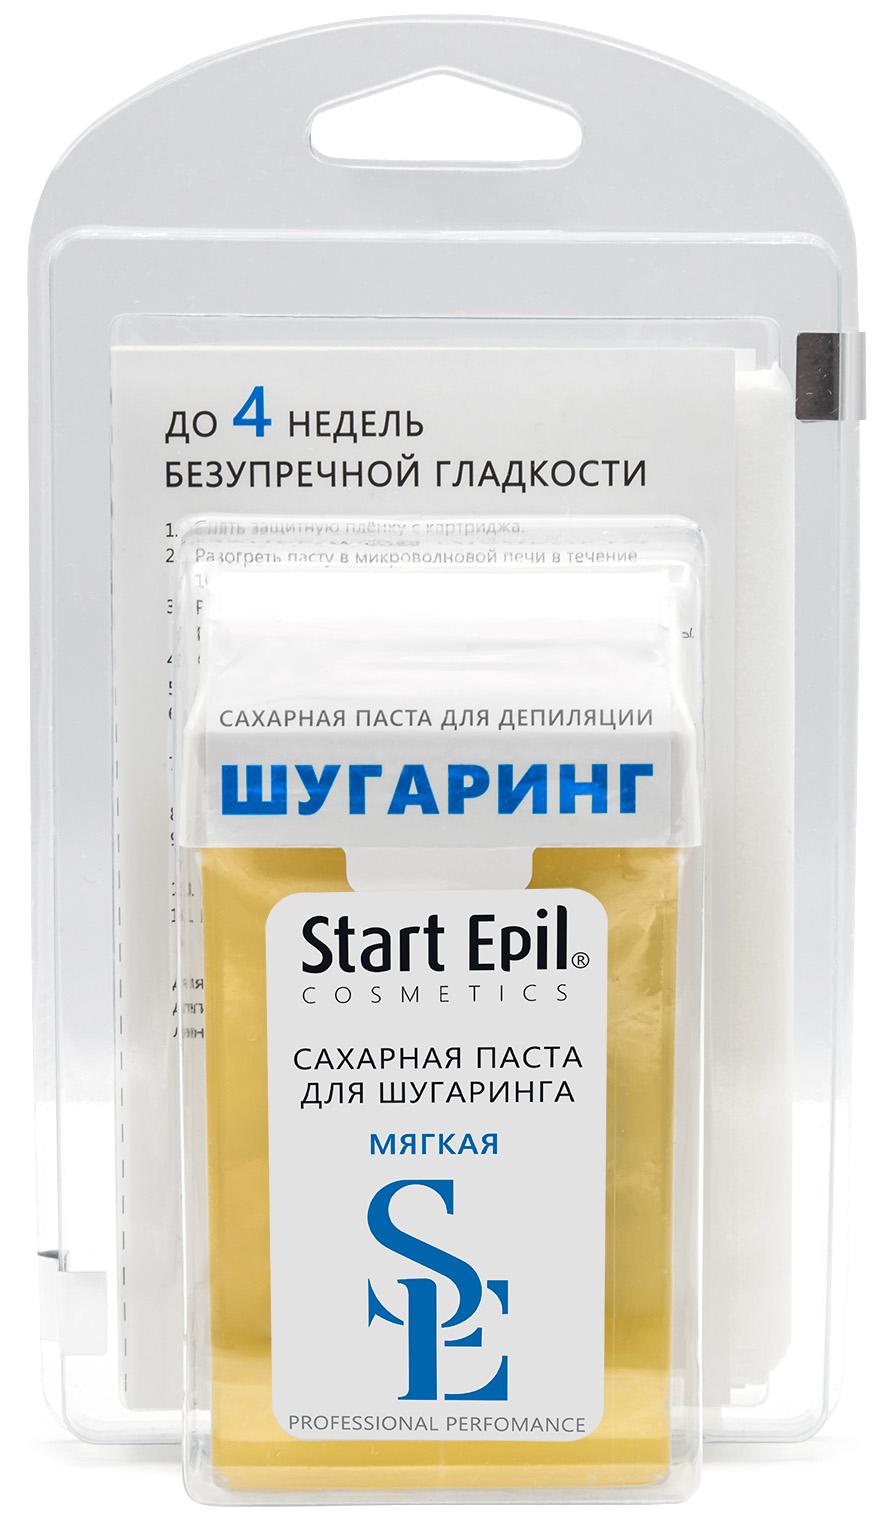 Купить Aravia Professional Start Epil Набор для шугаринга (паста для депиляции в картридже Мягкая + полоски для депиляции) (Aravia Professional, Spa Депиляция), Россия